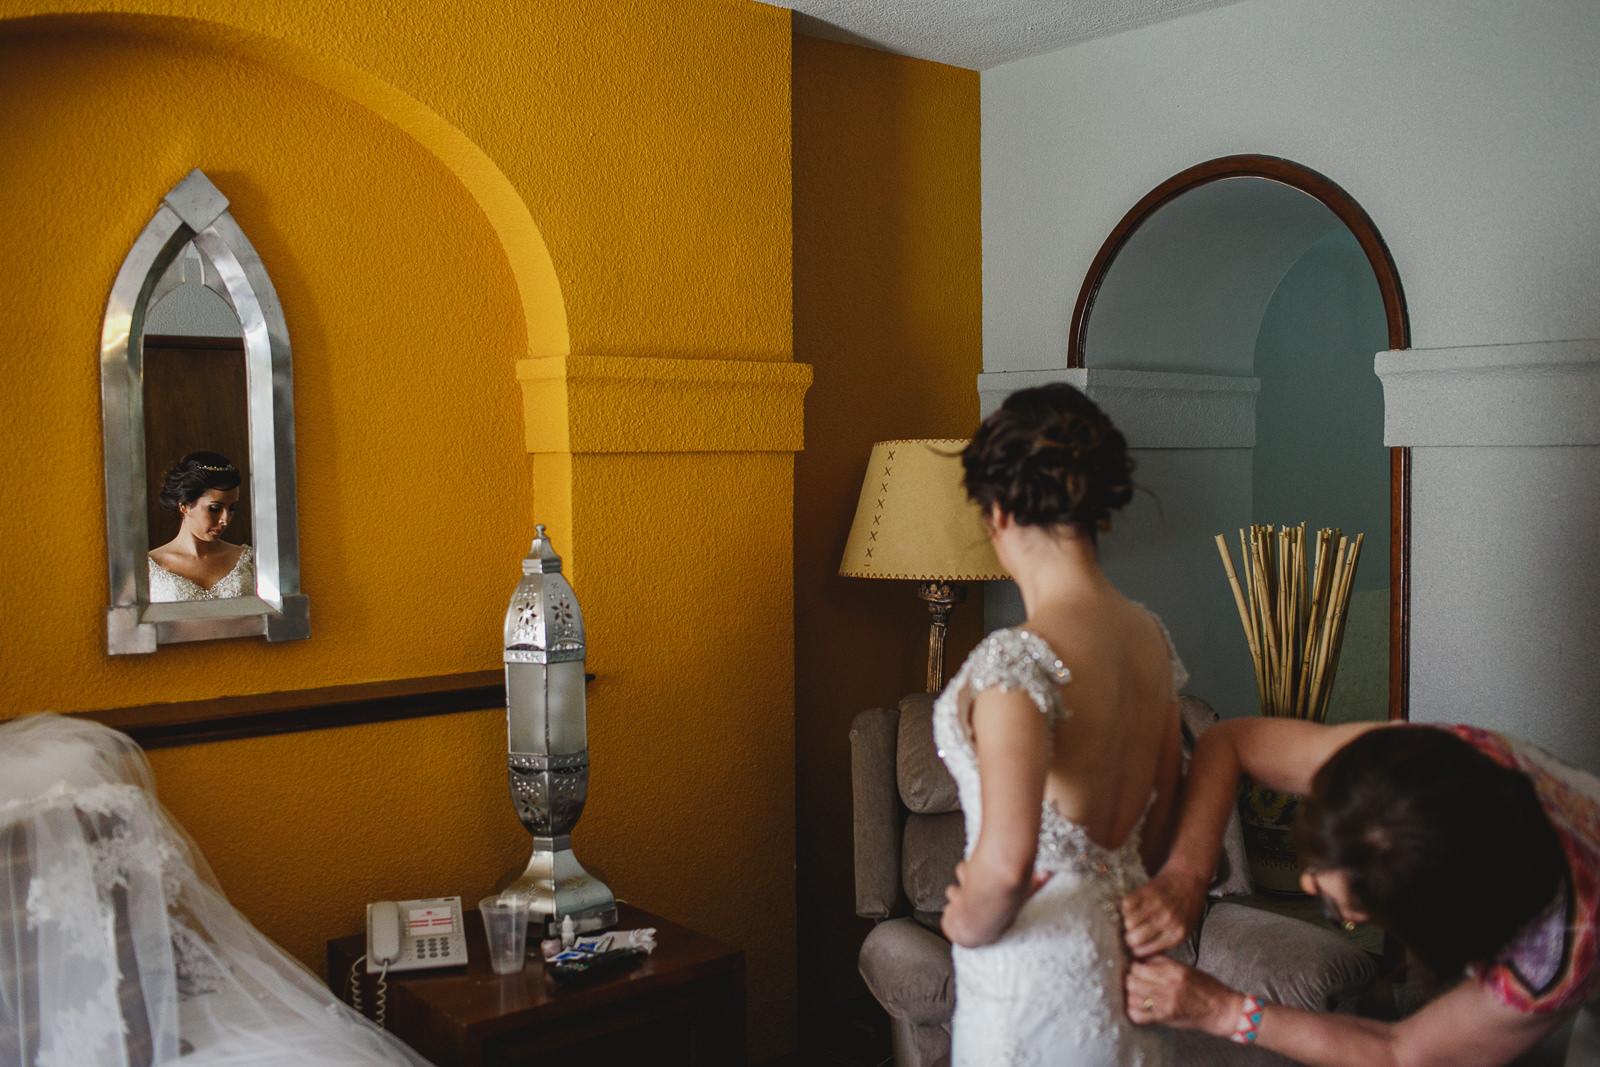 fotografo-de-bodas-san-miguel-de-allende-011